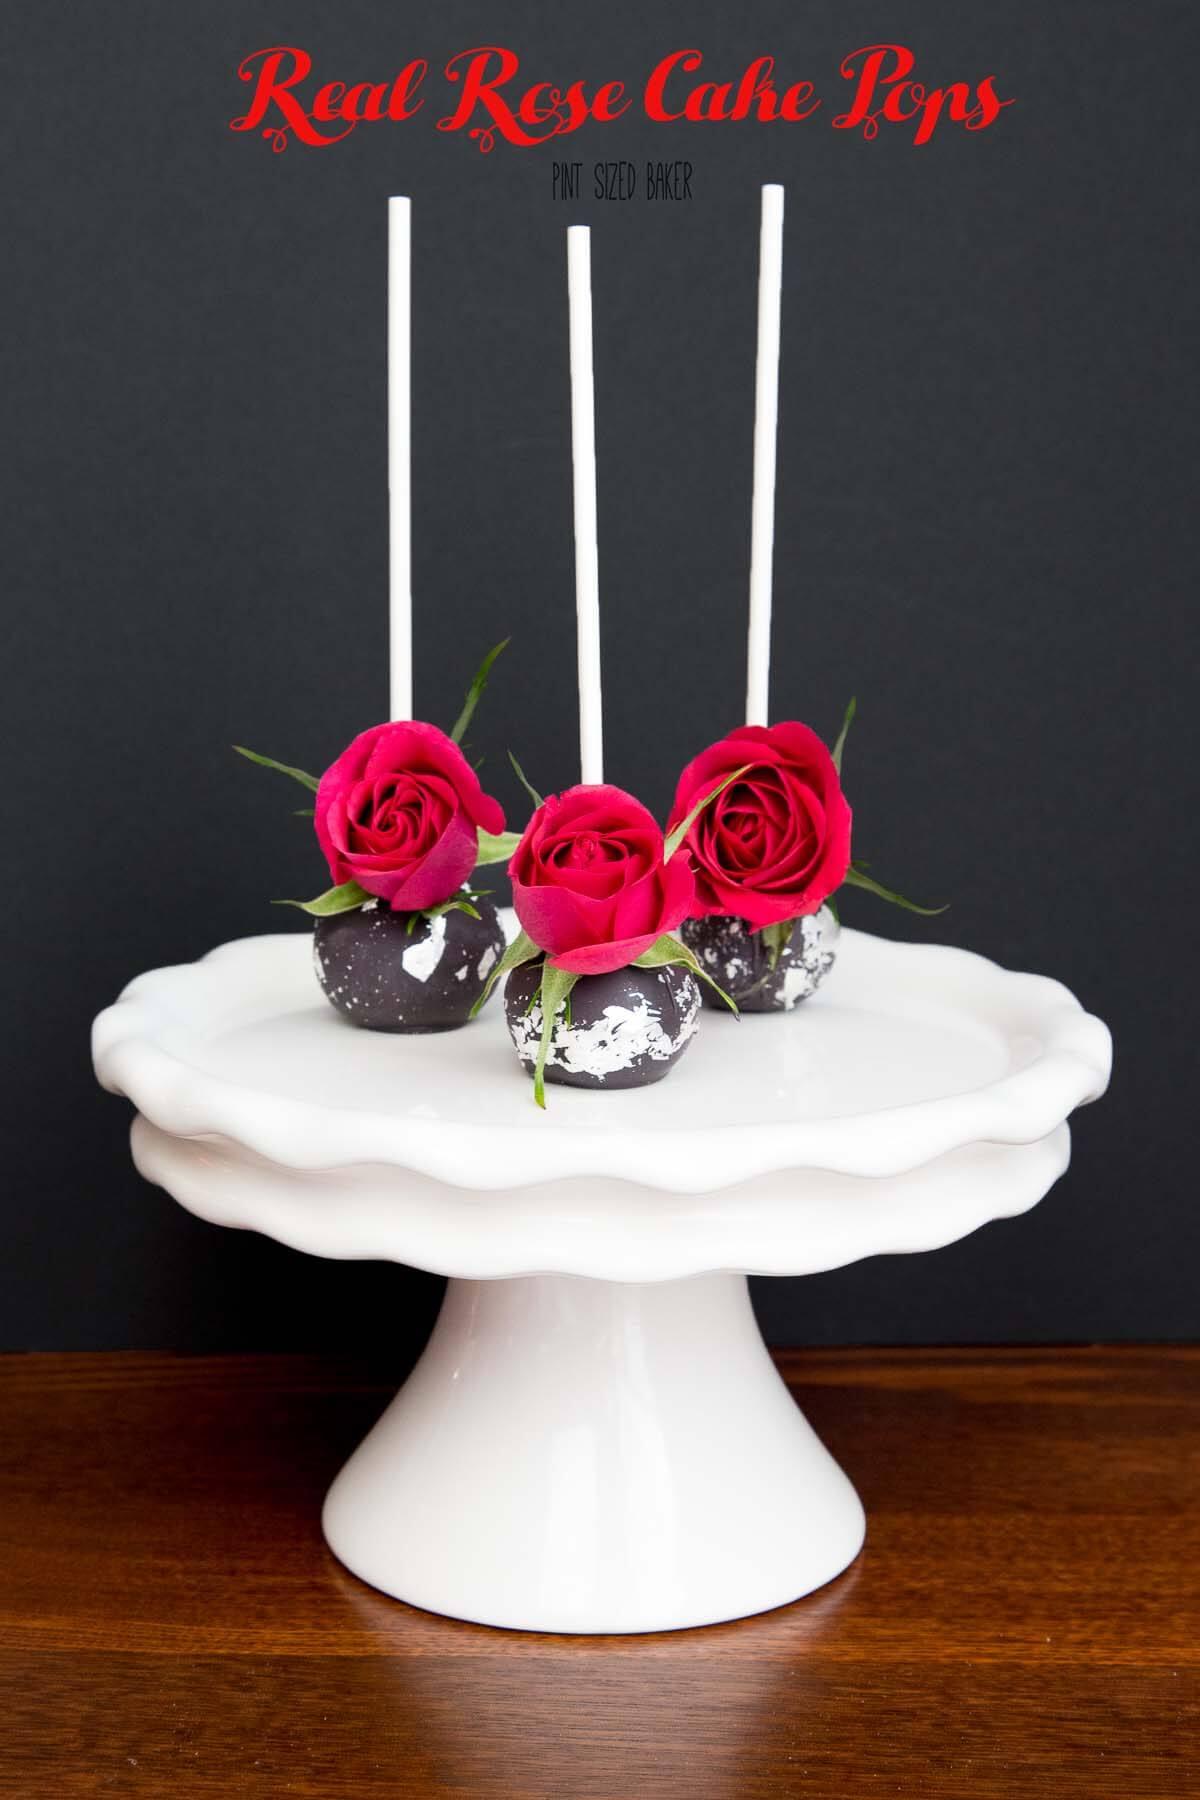 Real Rose Cake Pops Pint Sized Baker